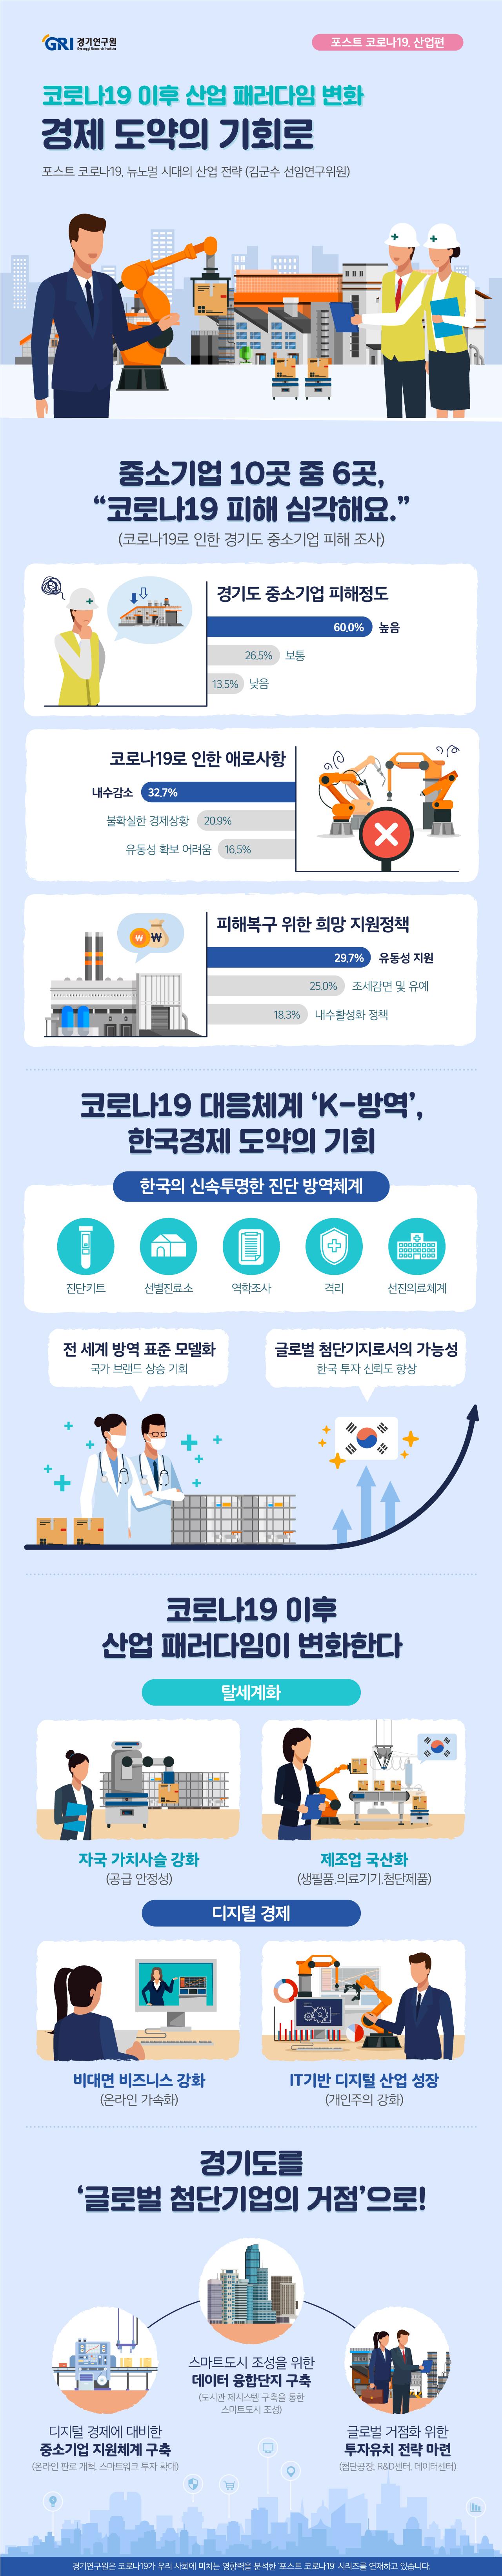 코로나19로 인하여 '20년 글로벌 경제성장률은 -3.0%, 한국은 그나마 선방하여 -1.2%로 역성장할 것으로 전망된다. '20년 1/4분기, 한국의 수출은 -1.4%로 감소하였다. 무역의존도가 높은 경기도의 수출은 -6.3%로 감소폭이 더욱 크게 나타났다. 특히 코로나19로 인한 경기도 중소기업의 피해도 크다. '20년 1/4분기, 중소기업(소재부품 기업 대상)의 60%가 피해 정도가 심각한 것으로 조사되었다. 중소기업은 코로나 사태로 인하여 전년동분기 대비 국내 매출액이 -9.1%로 감소하고 수출은 -6.3%로 감소, 현금성자산은 -4.3%로 감소하는 등 경영상황이 악화되었다. 코로나19로 피해를 입은 경기도 중소기업이 바라는 정책적 지원 사항은 유동성 지원(29.7%)이 가장 시급한 것으로 조사되었다.   그러나 한국은 전세계 방역 표준모델로 국가브랜드가 상승할 것으로 기대된다. 투명성과 신뢰성 있는 코로나 방역 대응으로 코리아 프리미엄이 생겨나고 한국의 글로벌 첨단기지로서의 가능성이 상승할 것으로 전망된다.    코로나19 이후 뉴노멀시대는 비대면(언택트) 비즈니스와 온라인 서비스의 가속 으로 디지털 경제가 촉진될 것이다. 특히 디지털을 기반으로 온라인 유통, 디지털 컨텐츠 산업, AR VR을 활용한 스마트 헬스케어 산업, 에듀테크 및 화상회의 관련 산업이 코로나19 이후 뉴노멀시대 신산업으로 급부상할 것이다. 또한, 탈세계화와 제조업 리쇼어링으로 글로벌 가치사슬보다는 자국 가치사슬을 강화하여 안정적인 제조 생태계를 구축하려고 할 것이다.    이와 같은 경제적 패러다임 변화 속에서 경기도는 급속하게 이루어질 디지털 경제로의 전환에 대비한 지원체계 구축과 글로벌 첨단기업의 거점화 전략이 필요하다. 첫째, 디지털 경제로의 전환에 대비하여 소상공인에게는 온라인 판로 개척 지원, 중소기업에게는 스마트워크 투자 확대 지원이 이루어져야 한다. 더 나아가 디지털경제의 활성화를 위해 경기도 내 데이터 융합단지를 구축하고 스마트도시를 조성하는 것을 검토한다. 둘째 경기도가 첨단산업의 글로벌 거점화가 될 수 있도록 첨단공장, R&D센터, 데이터센터 등의 체계적인 유치 전략 수립과 국내 U턴기업 제도 및 외국인 투자지역 지정 제도를 개선해야 한다.